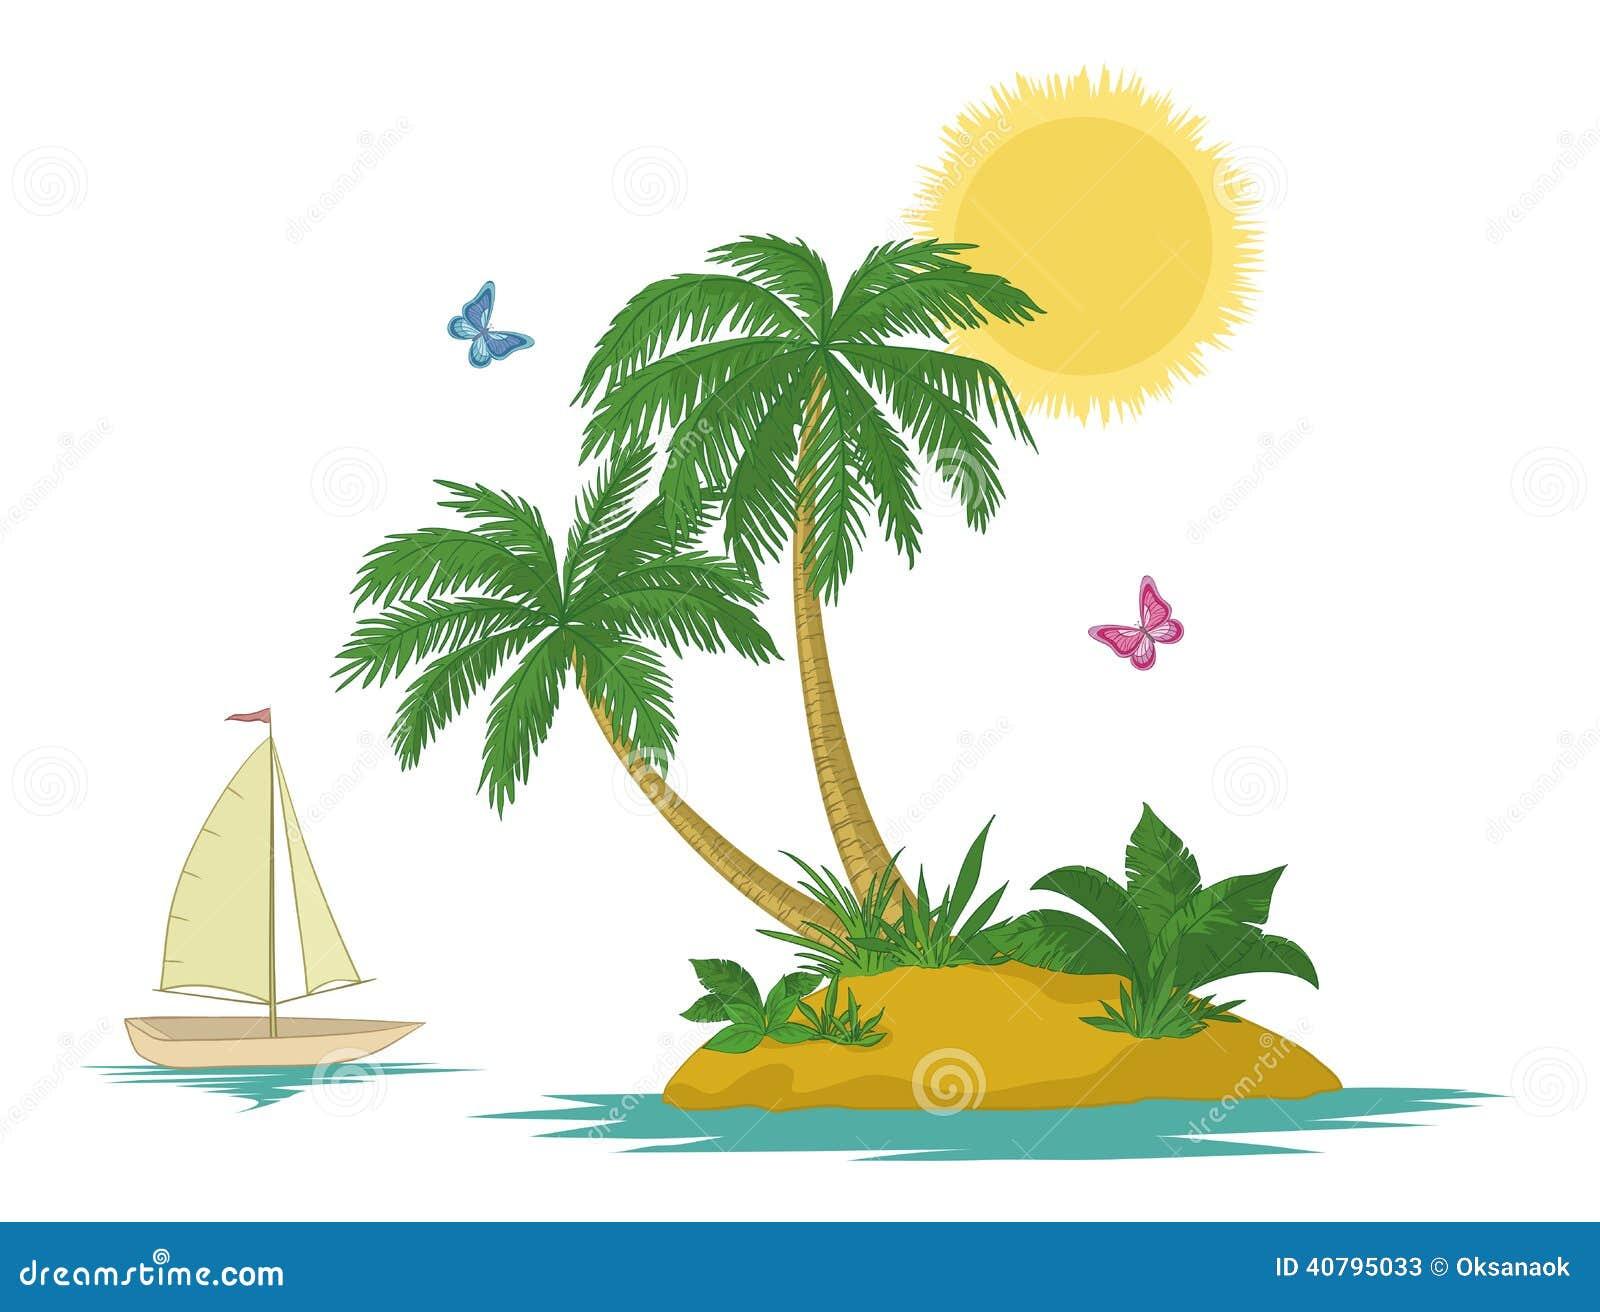 insel mit palme und lieferung vektor abbildung illustration von segel floral 40795033. Black Bedroom Furniture Sets. Home Design Ideas